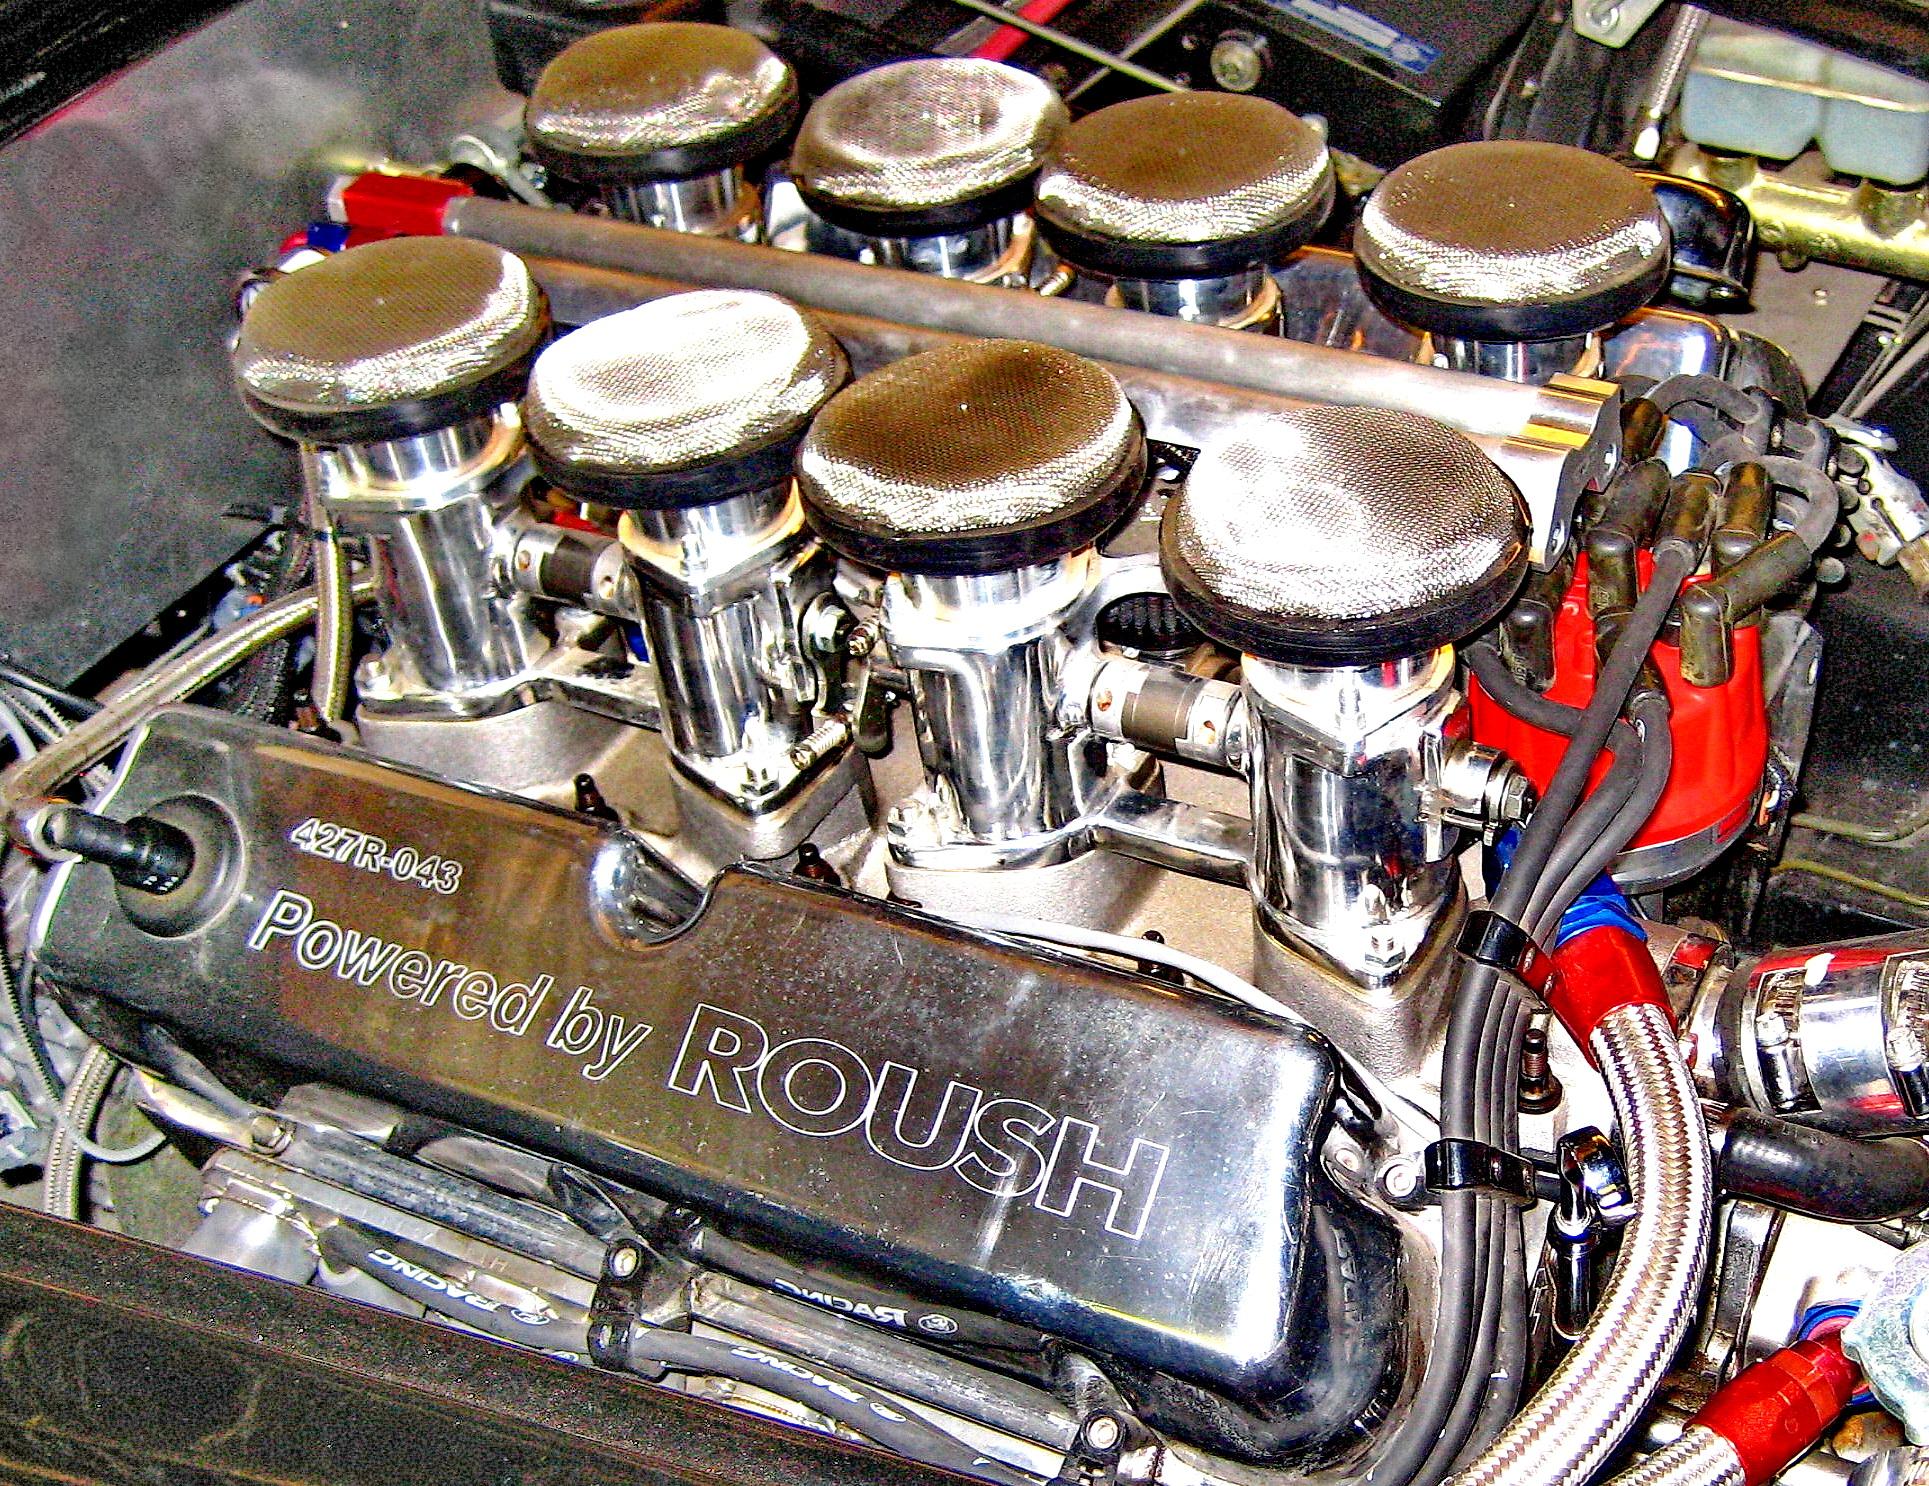 EFI Cobra motor